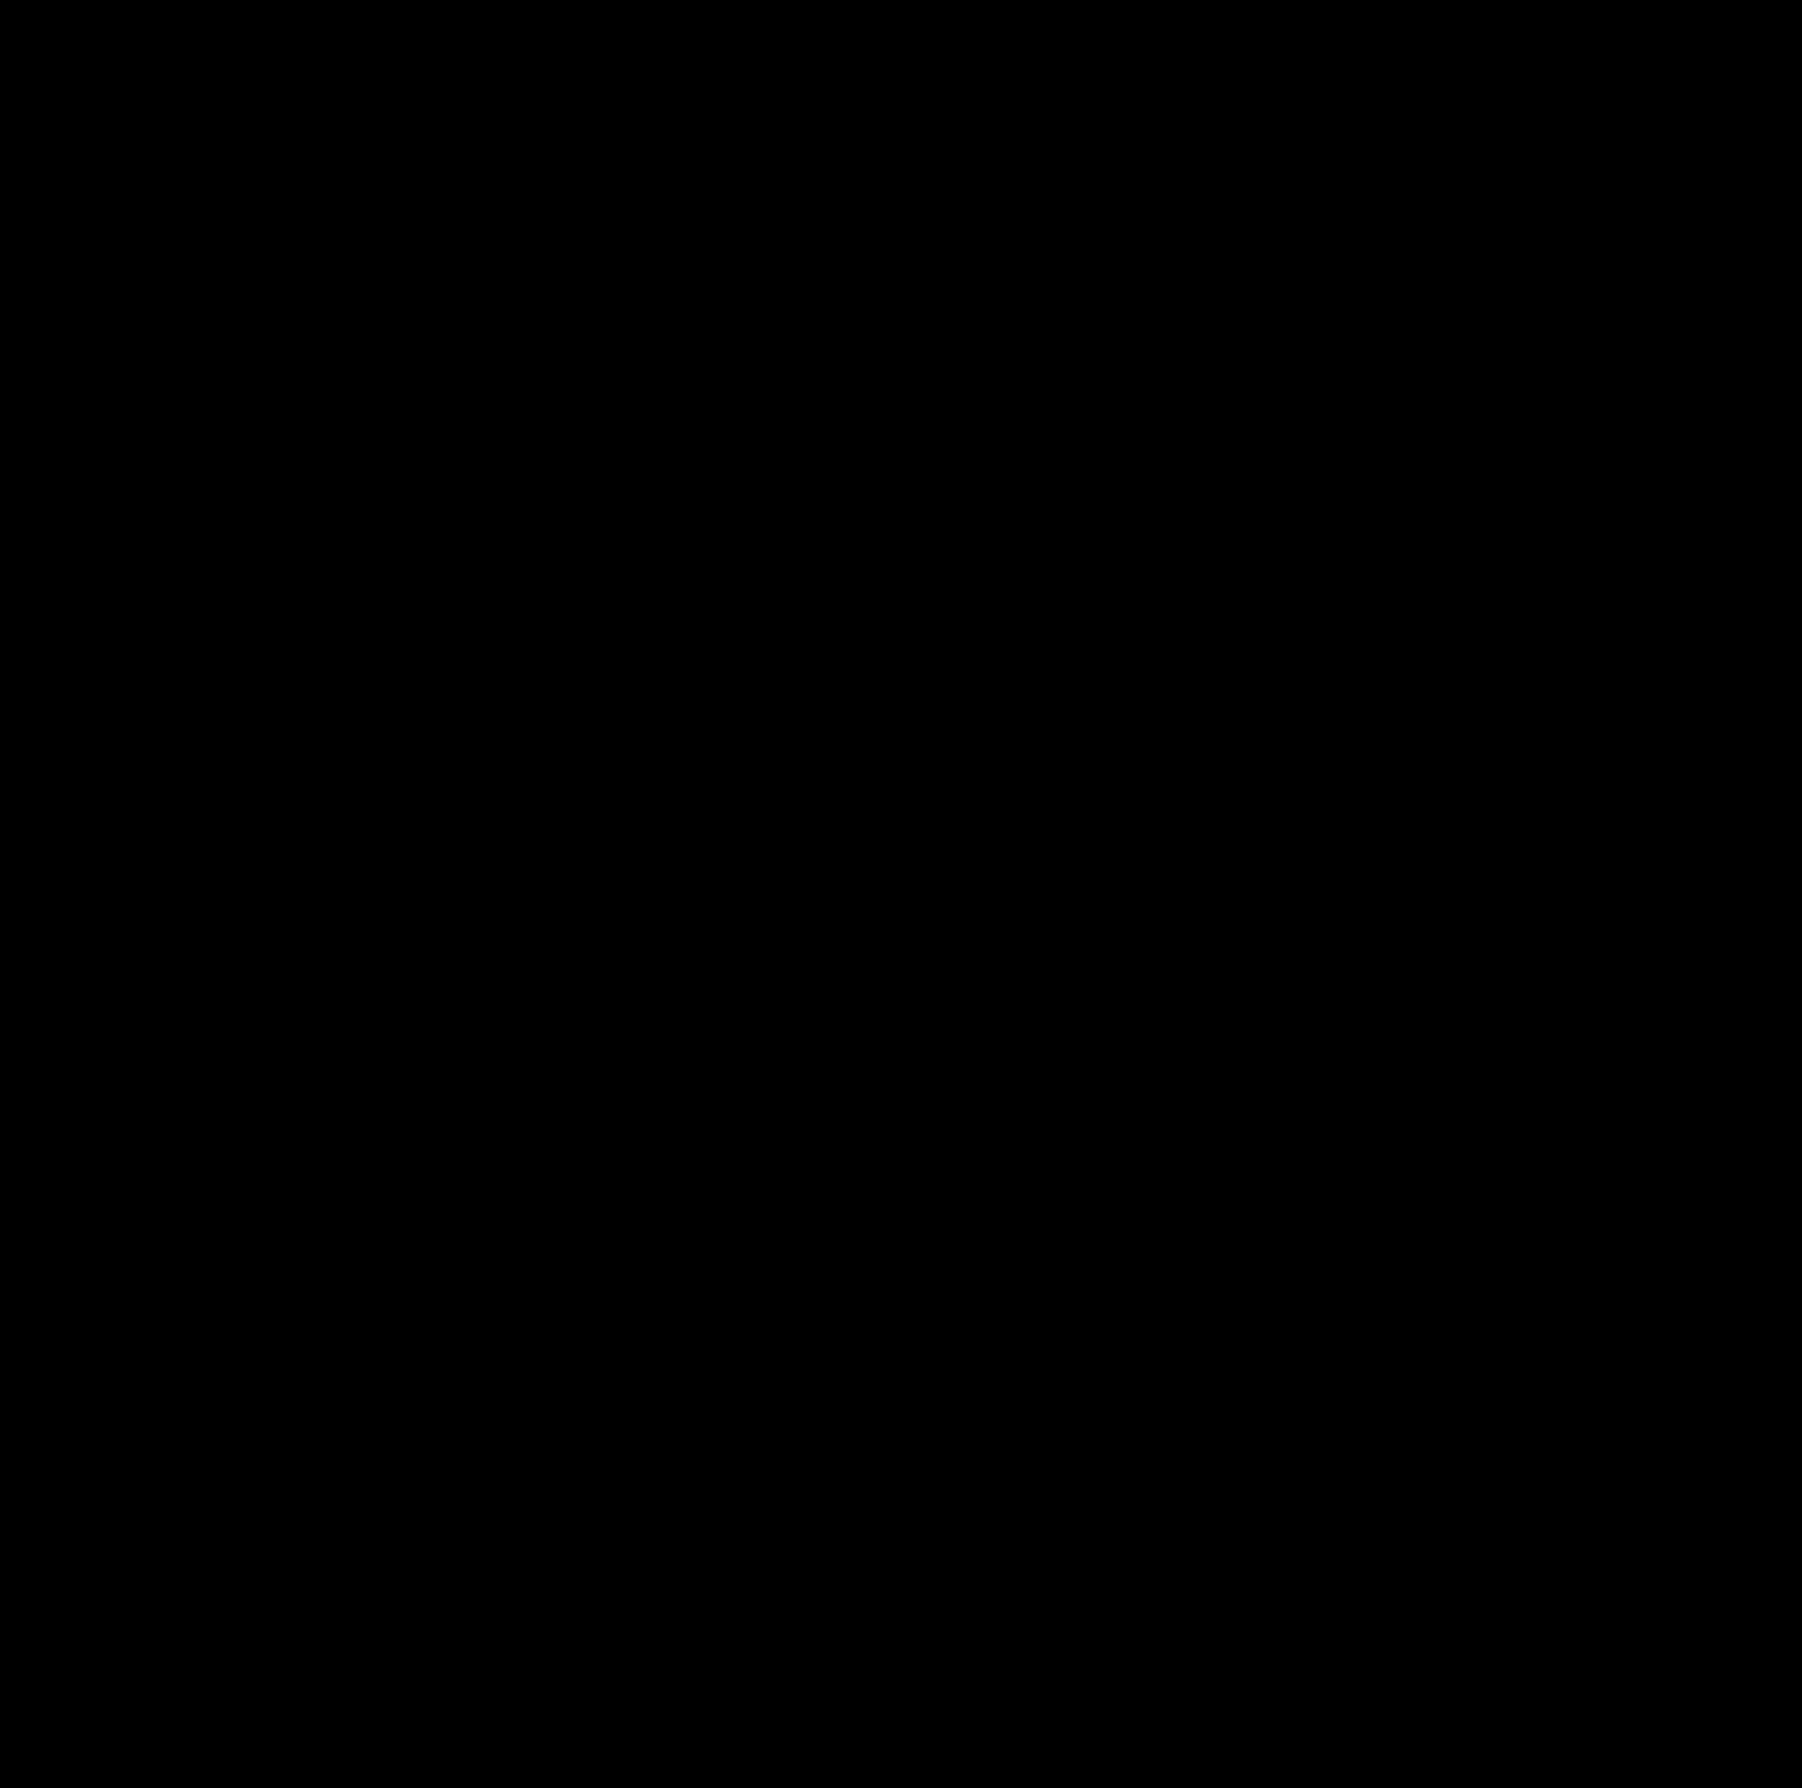 Pack 5 Filtri HEPA ricambio per IROBOT Roomba serie 800 e 900